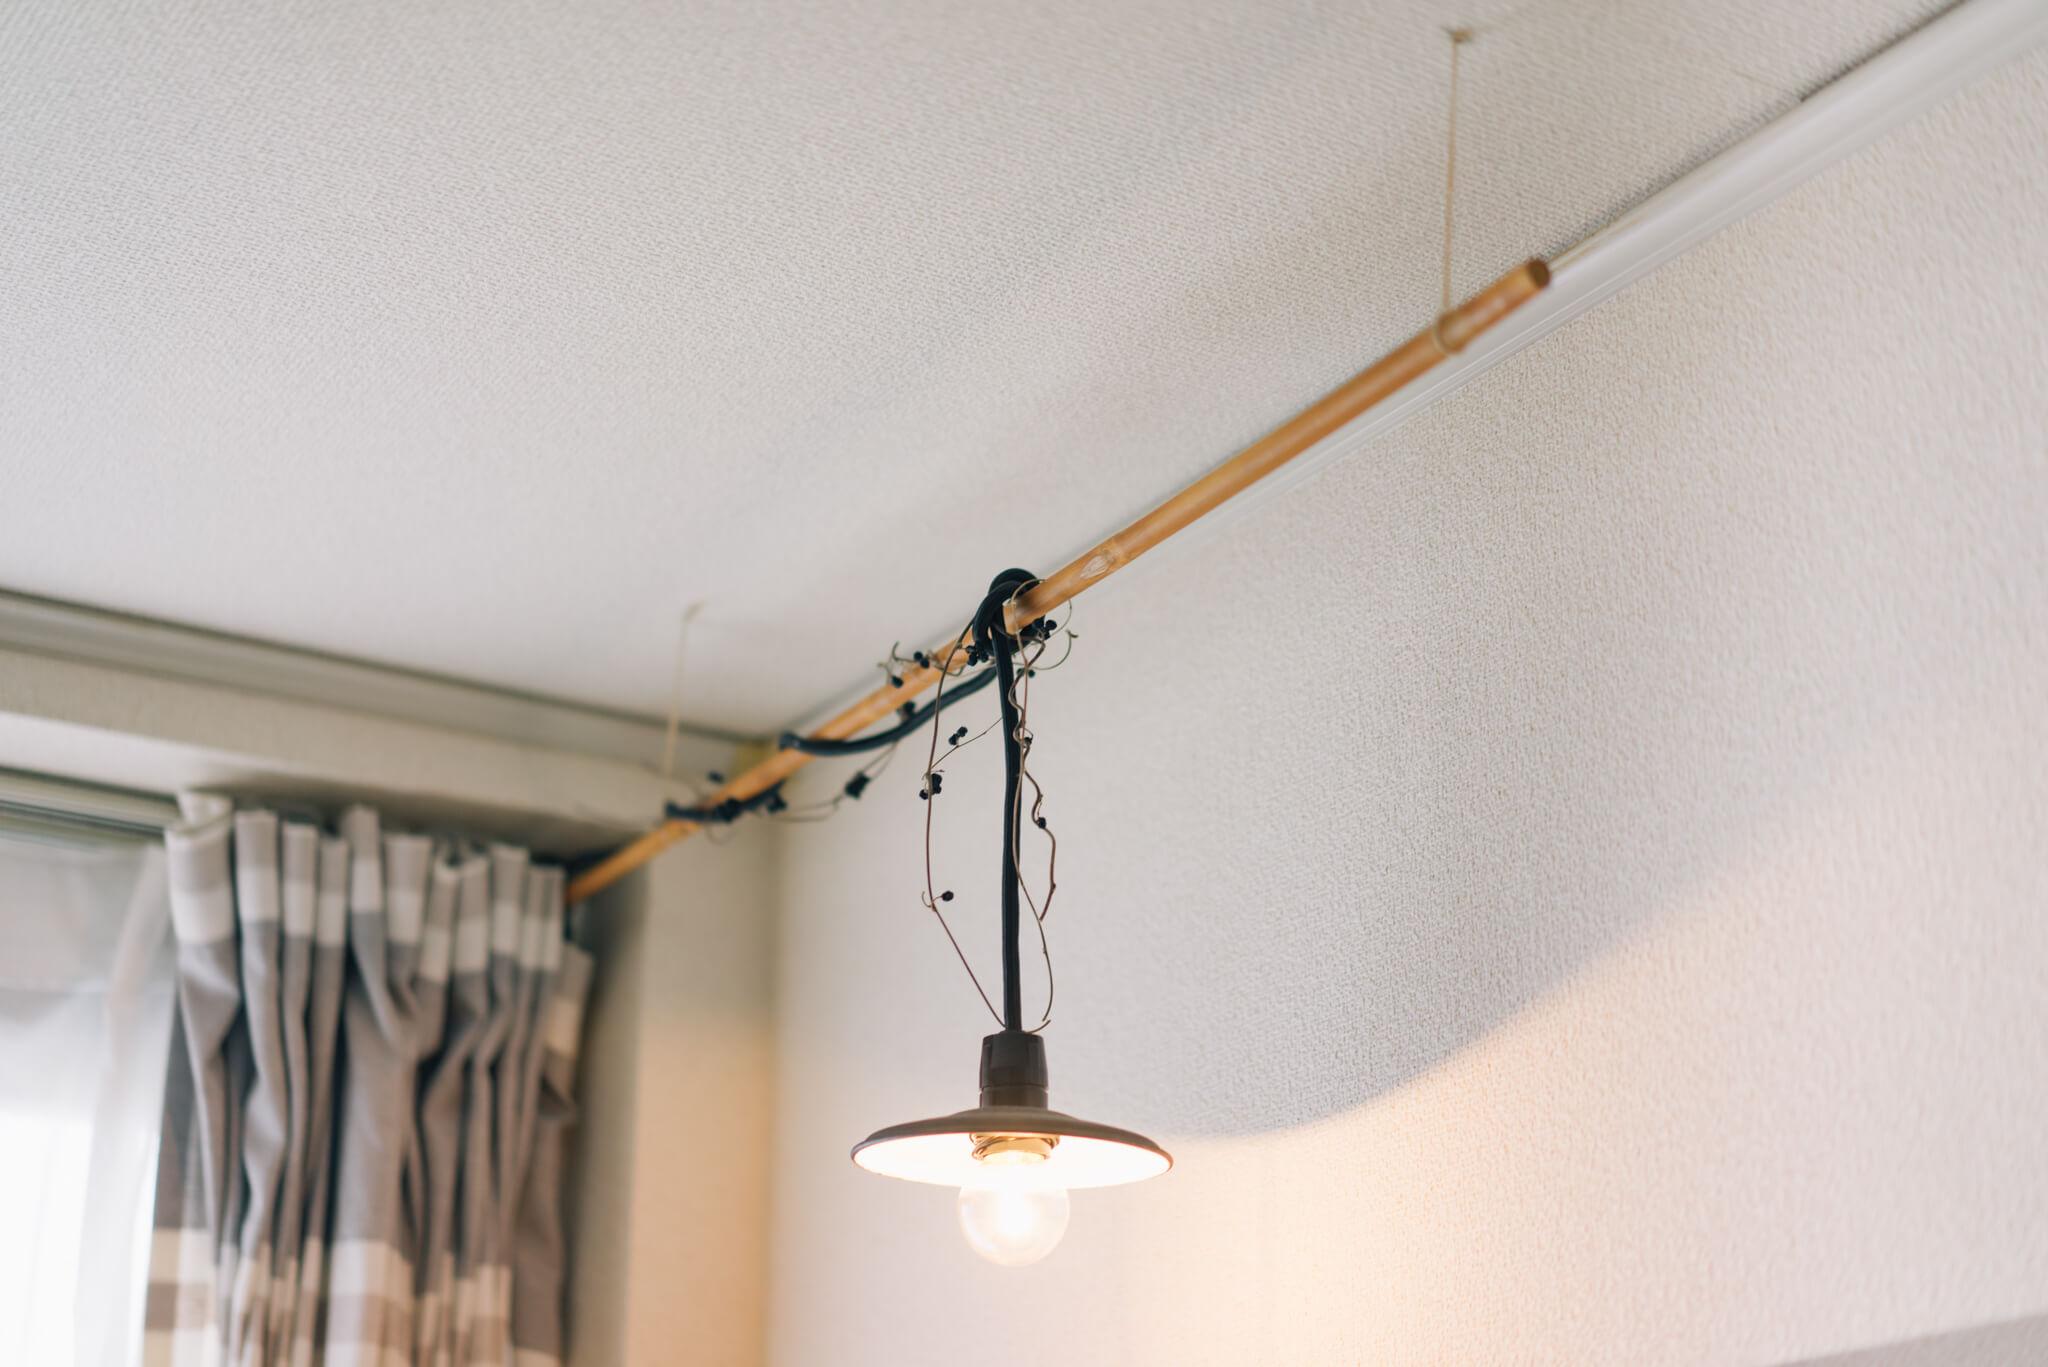 天井から丸棒を吊るし、そこにライトのコンセントをはわせる!丸棒を吊るす糸は、ホッチキスで天井に固定しているので穴は目立ちません。